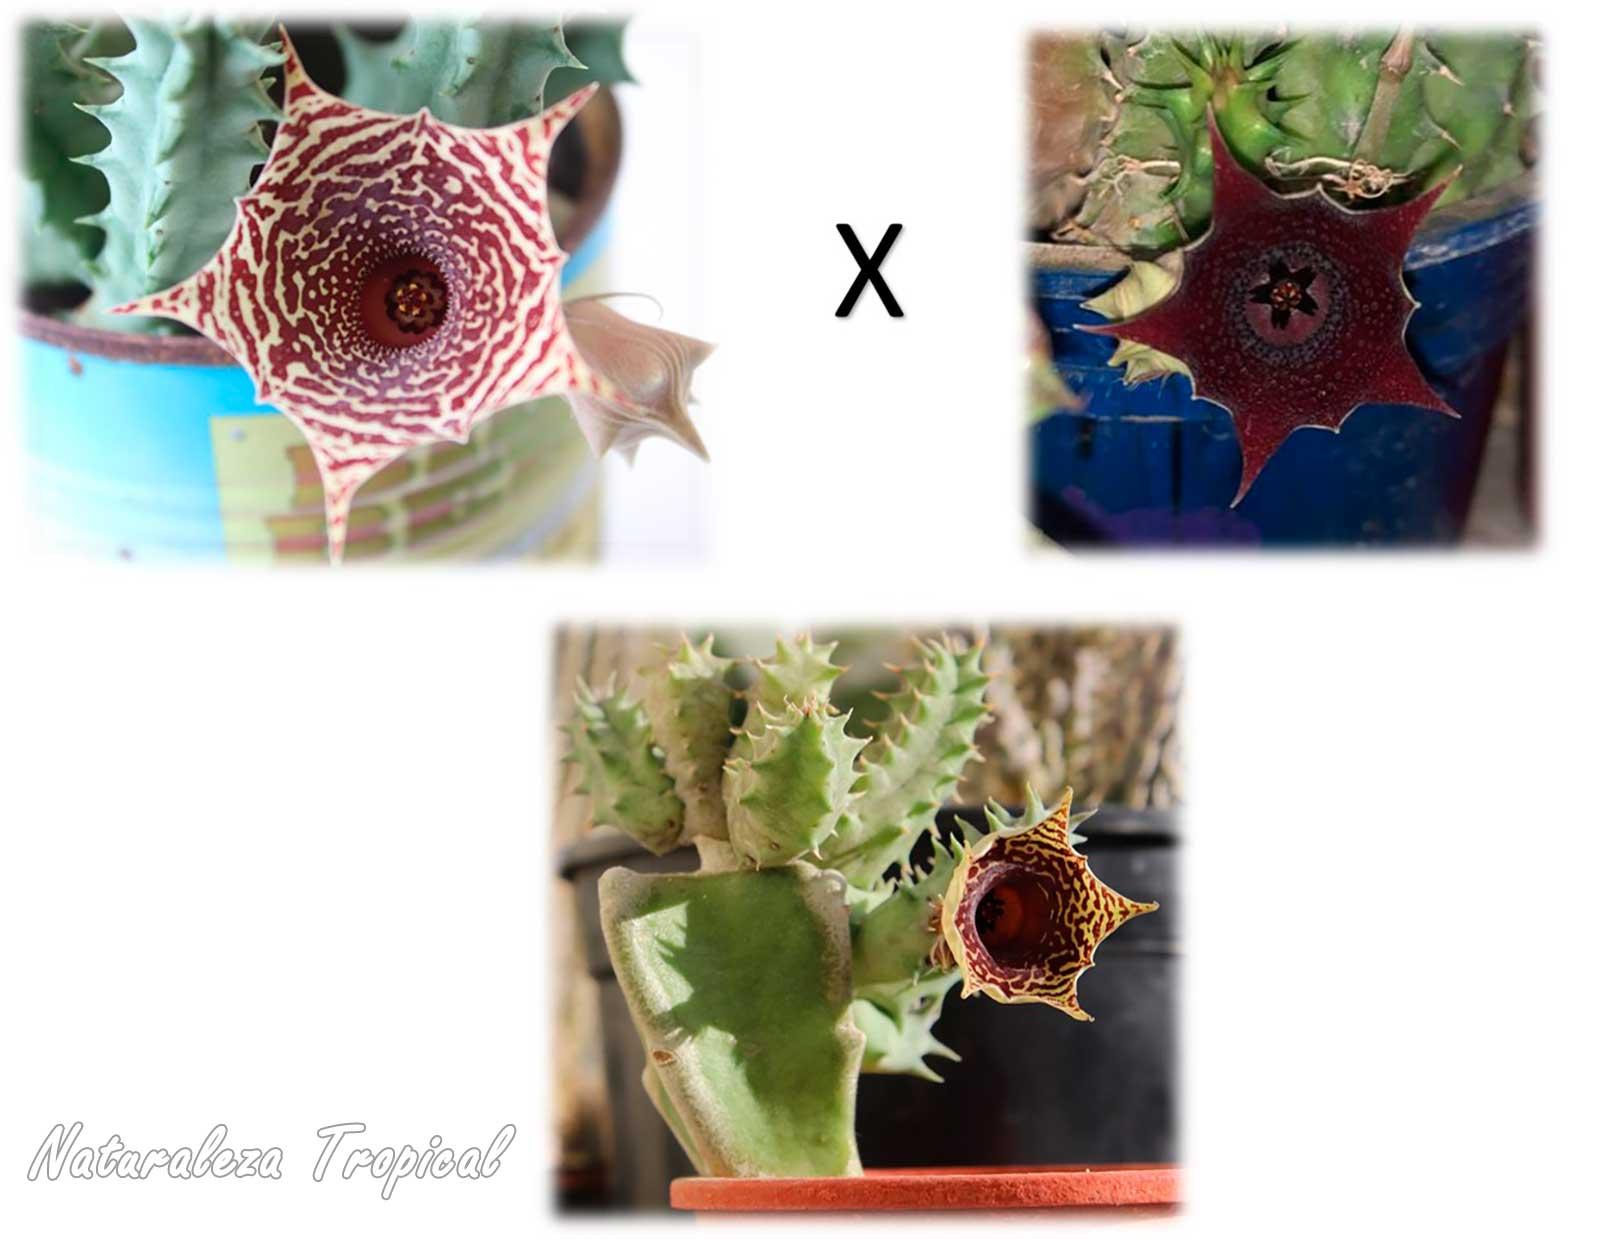 Parentales cruzados para la obtención de la planta suculenta Huernia ᶦHabaneraᶦ (clon 1). Planta madre a la izquierda y padre a la derecha